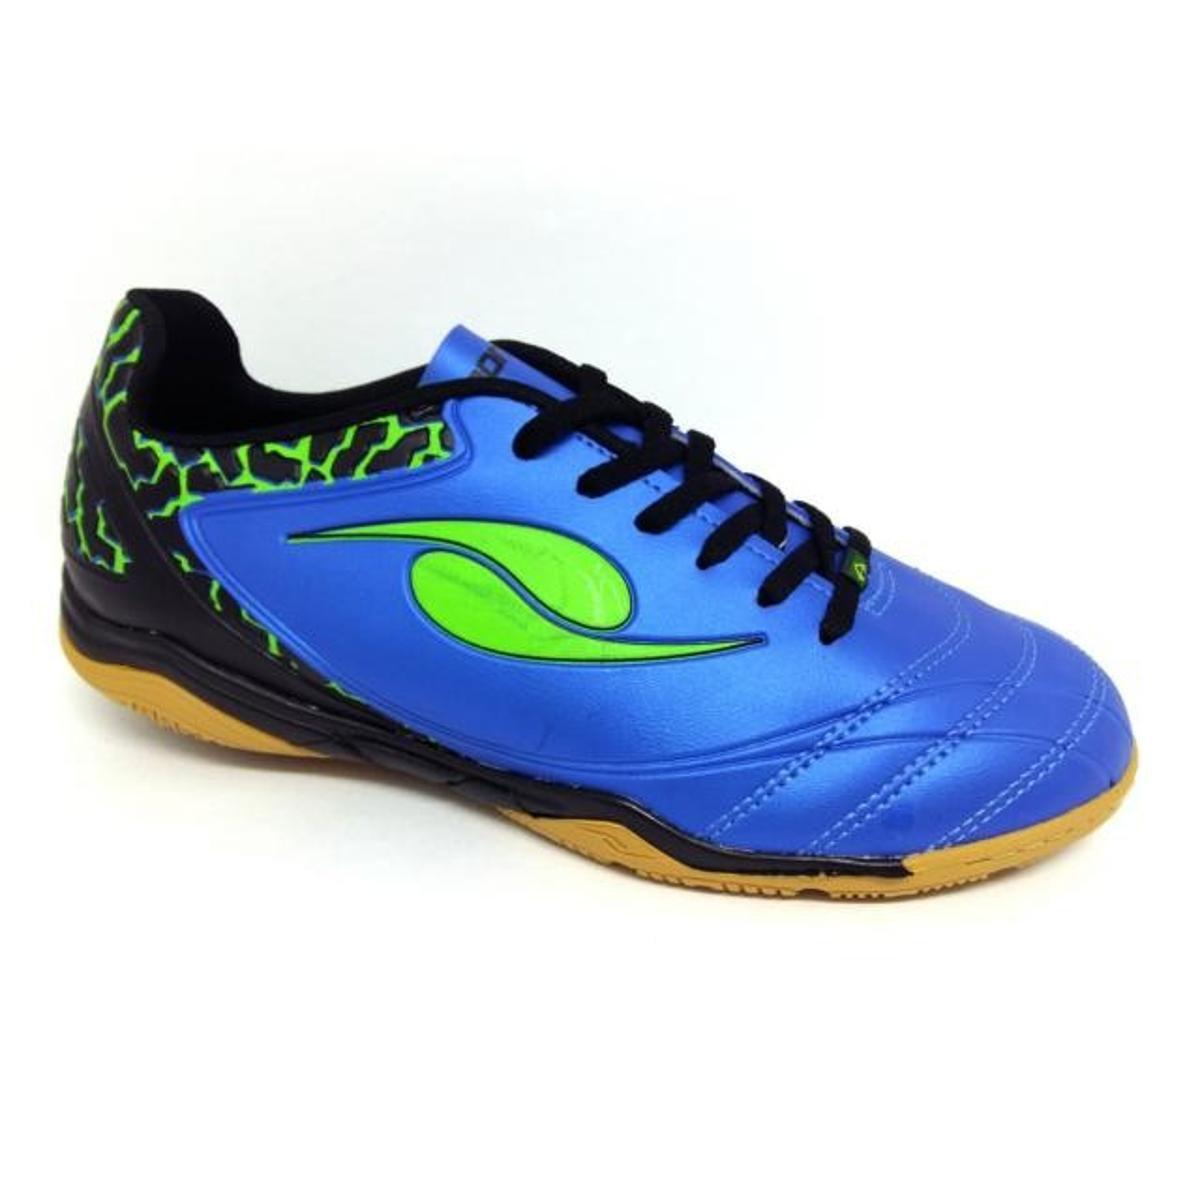 Chuteira Futsal DalPonte Eletric Indoor Masculina - Azul e Preto ... 39c4afaae9849